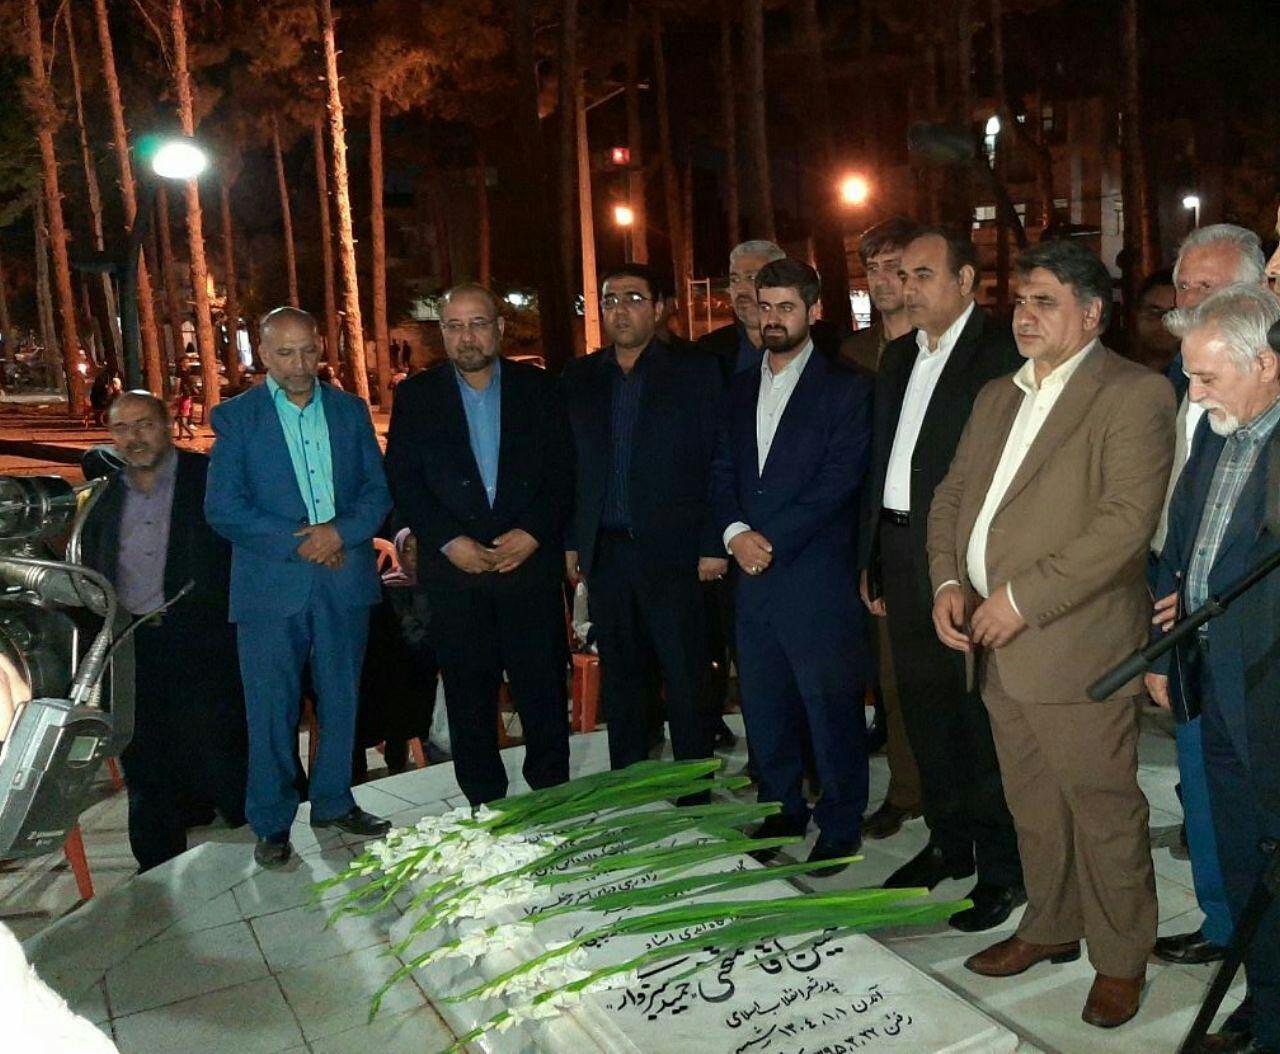 تخصیص اعتبار برای المان استاد حمید سبزواری از وزارت فرهنگ و ارشاد اسلامی درخواست شده است